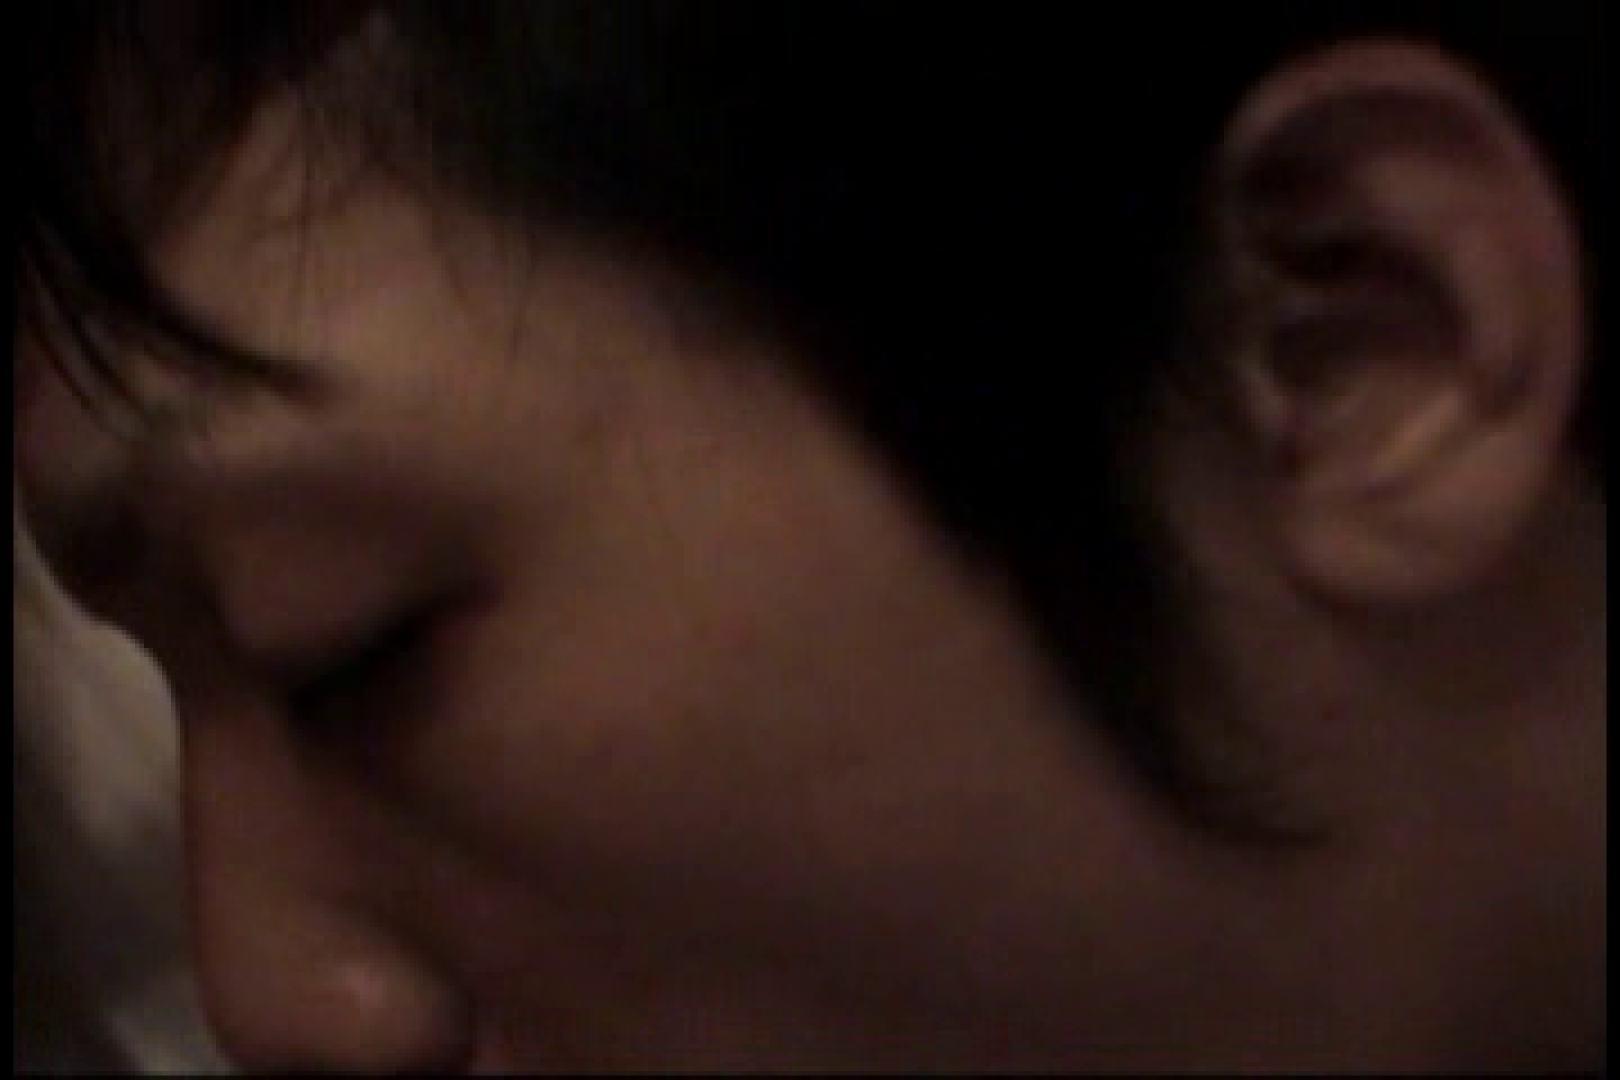 三ツ星シリーズ!!陰間茶屋独占!!第二弾!!イケメン羞恥心File.02 イケメン ケツマンスケベ画像 89枚 21